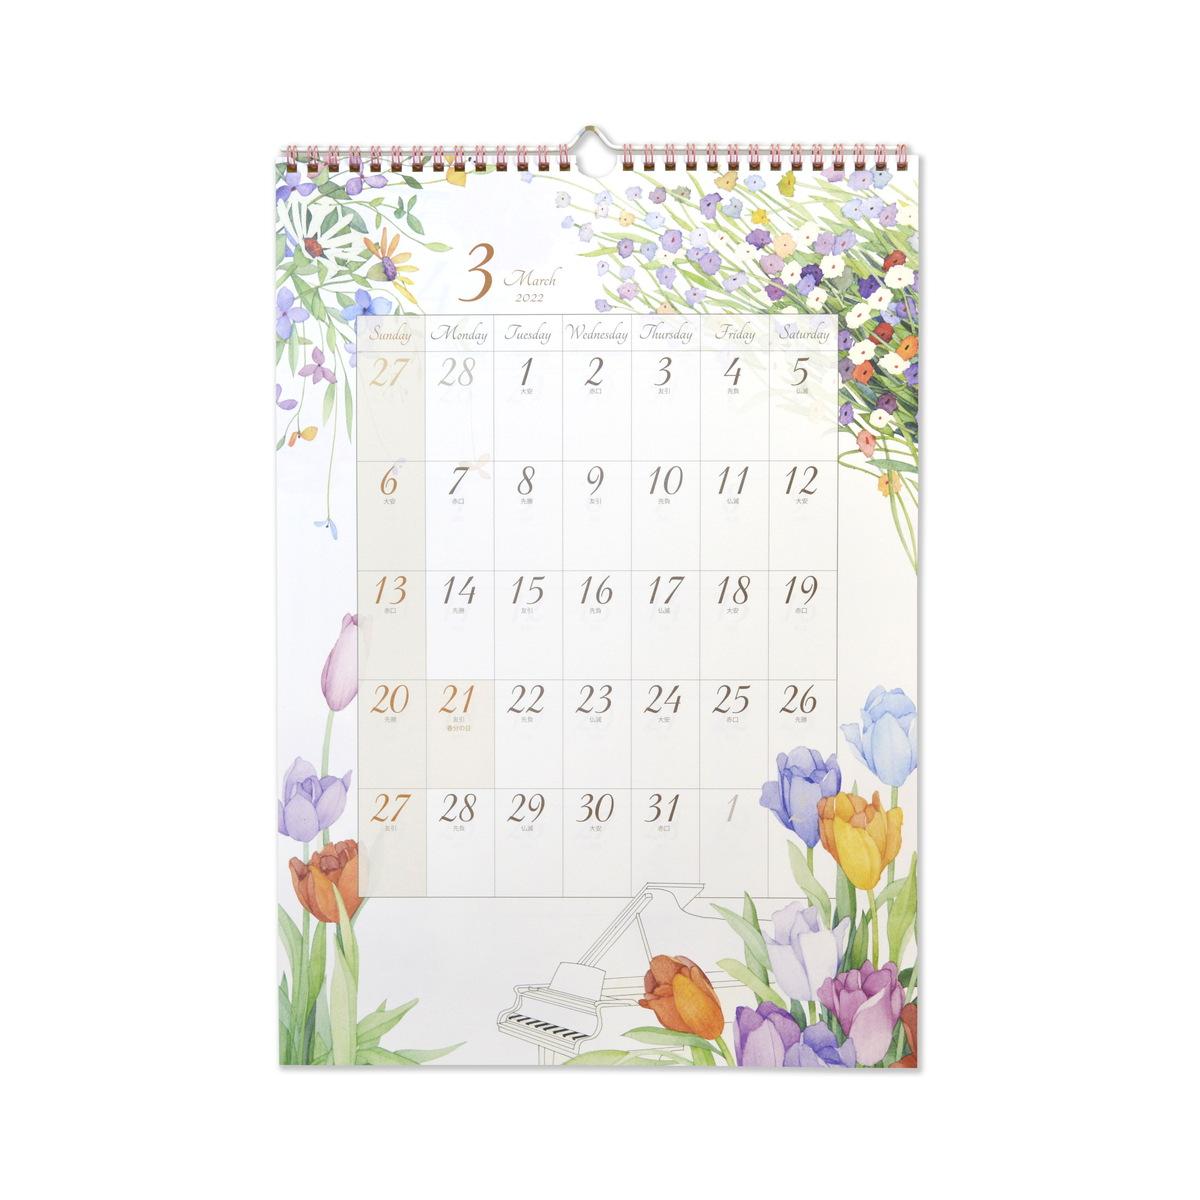 2022年 カレンダー L モダンフラワー cal-055